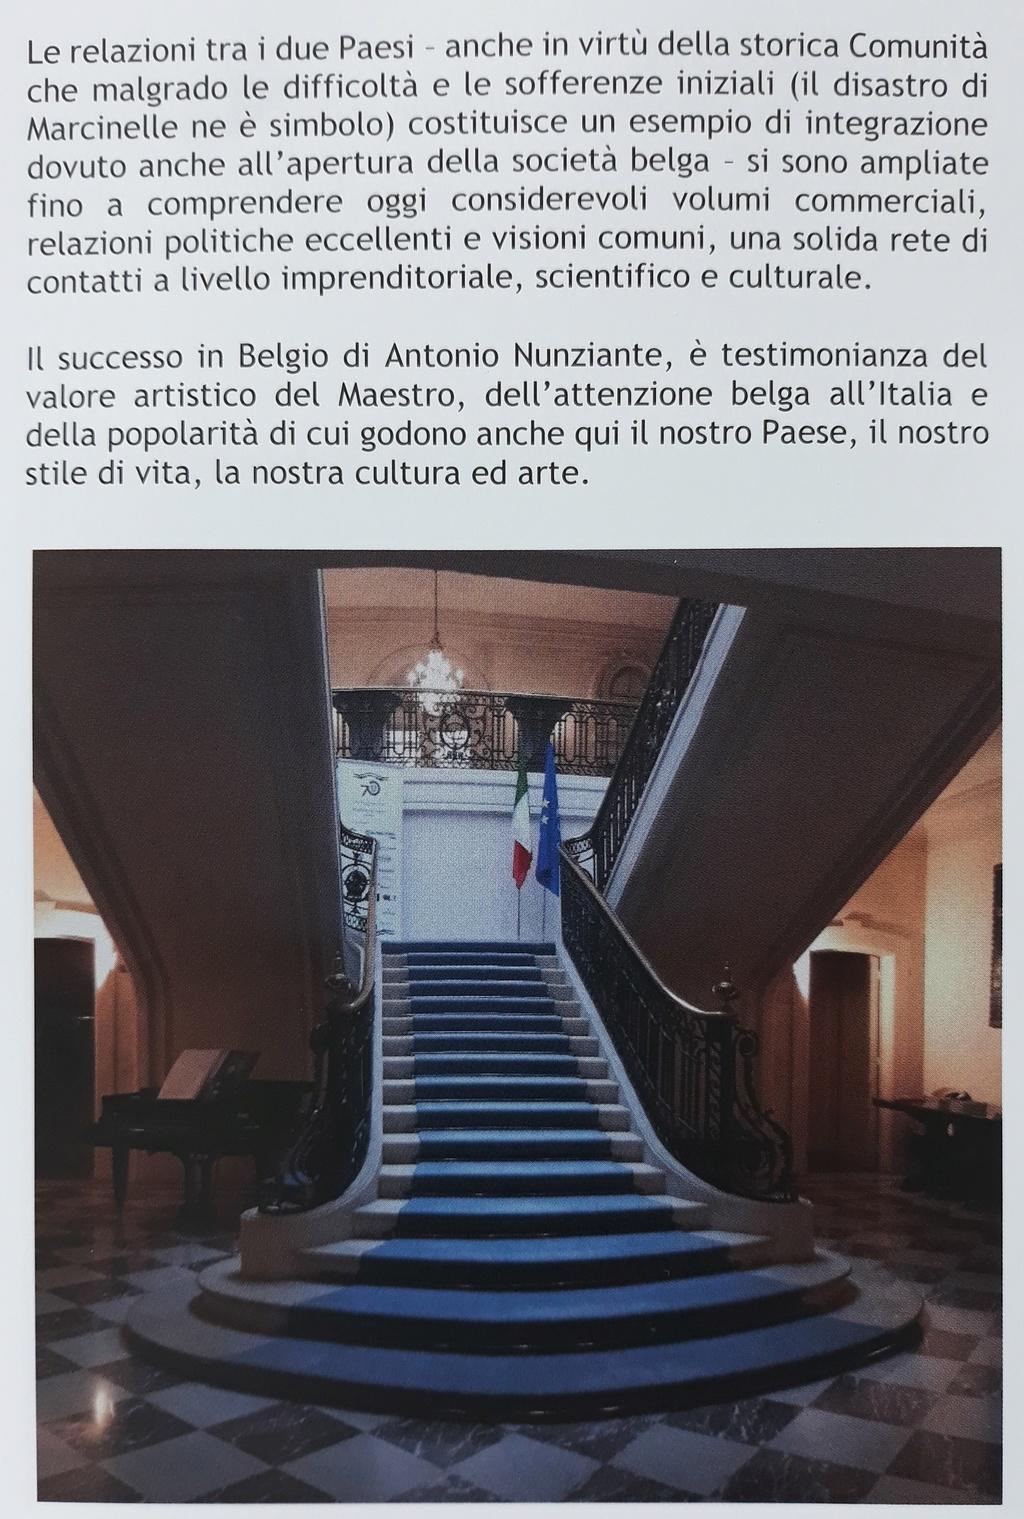 Catalogo AMBASCIATA D'ITALIA A BRUXELLES - 31 MAGGIO 2018 20180617